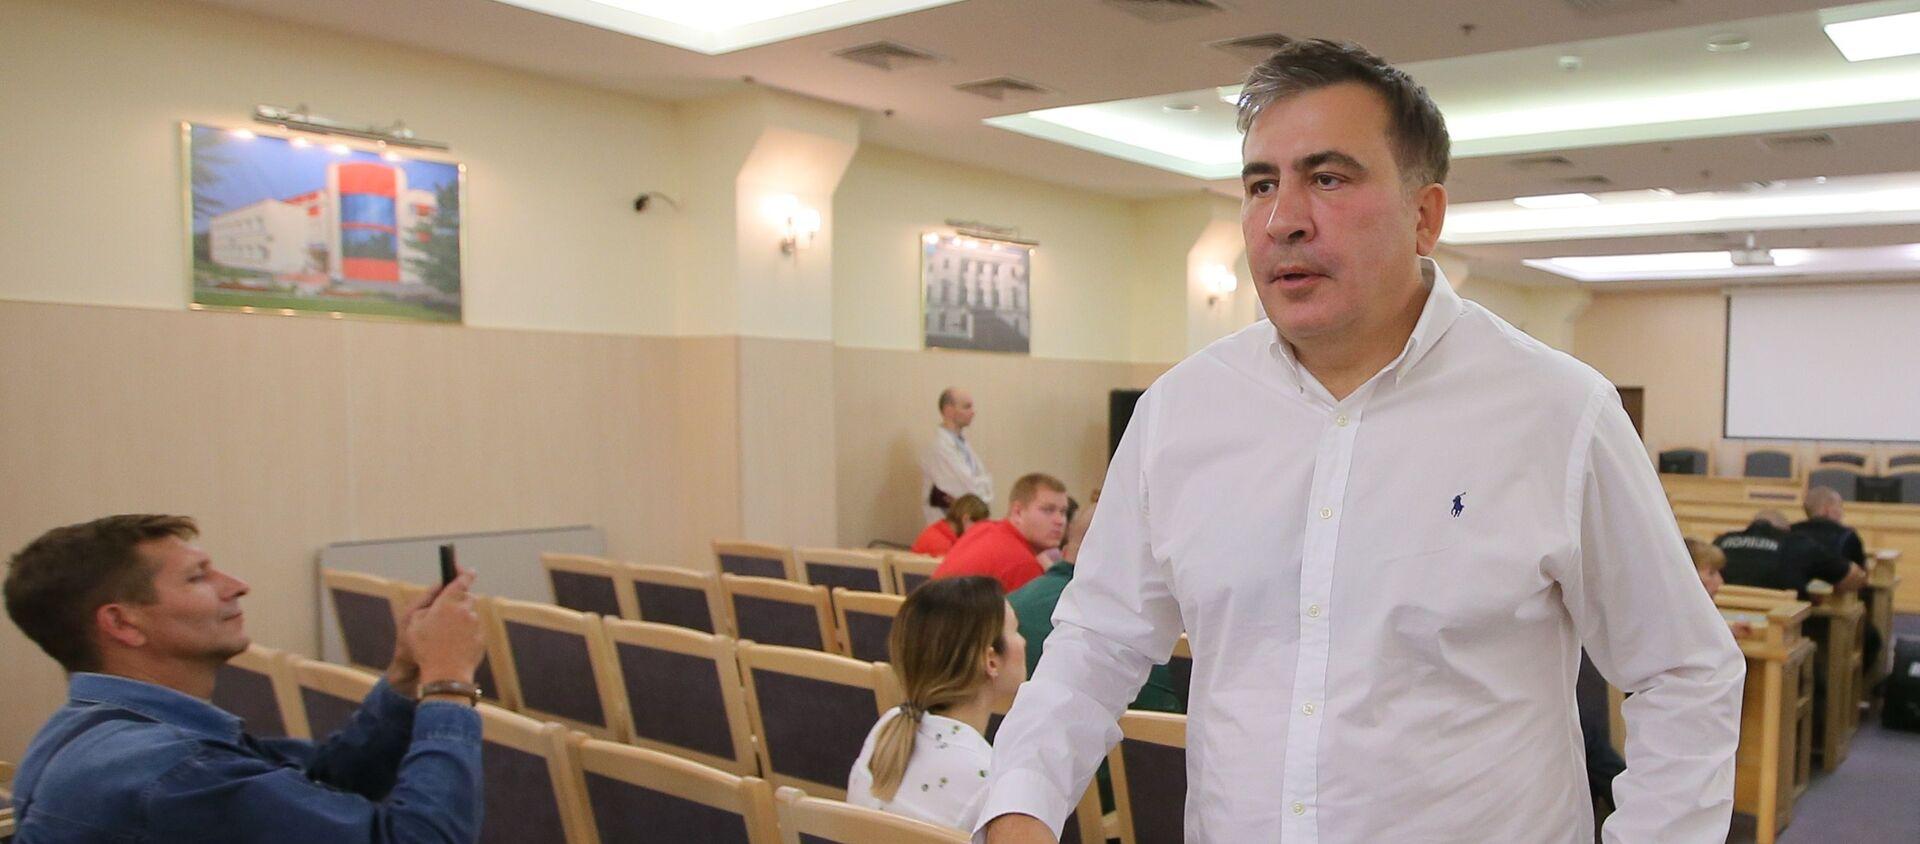 Экс-президент Грузии Михаил Саакашвили. Архивное фото  - Sputnik Южная Осетия, 1920, 04.10.2021